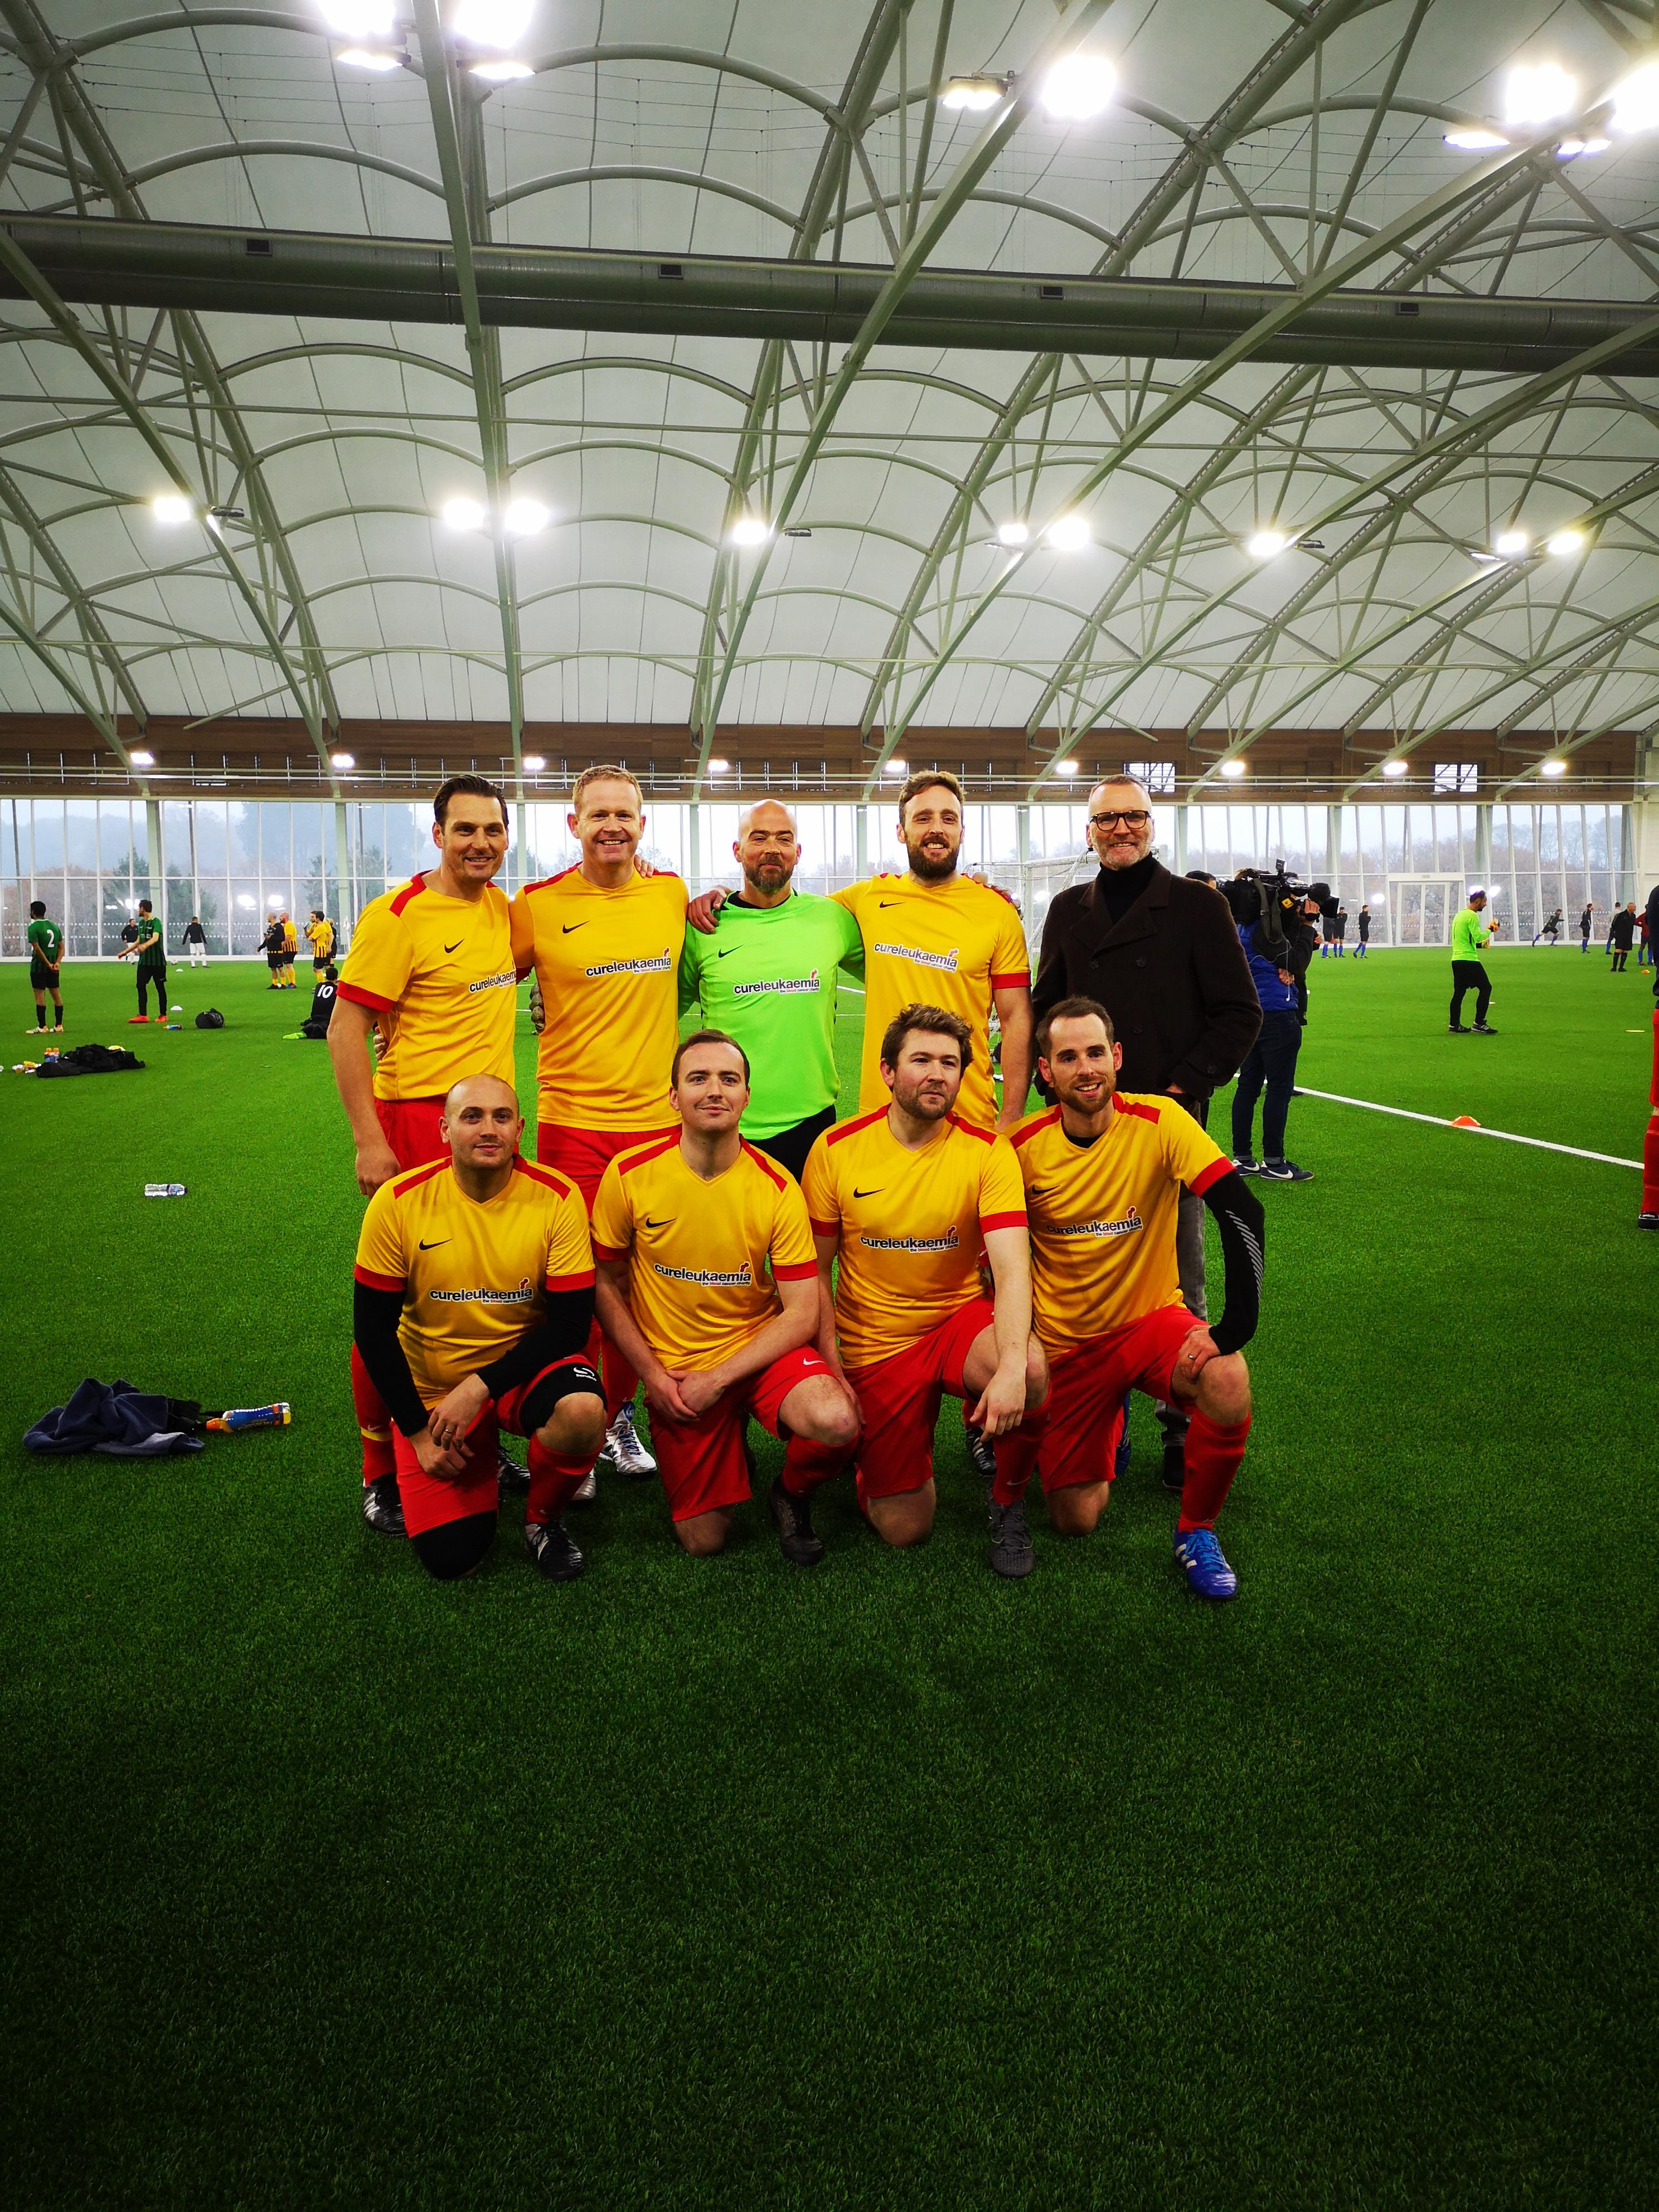 Copa del CL – The Cure Leukaemia Football Tournament